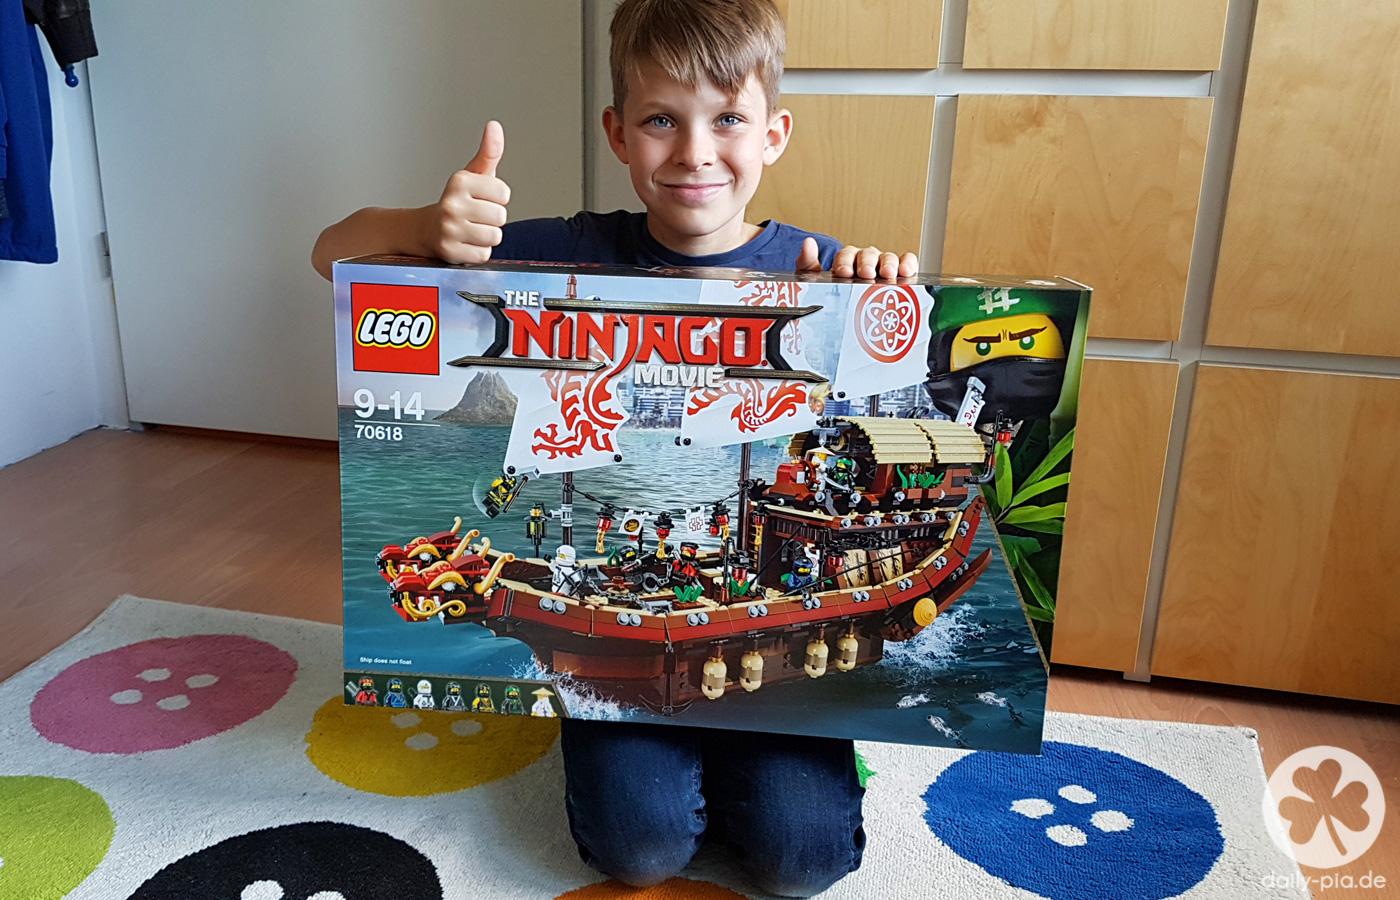 The Lego Ninjago Movie & der Ninja-Flugsegler